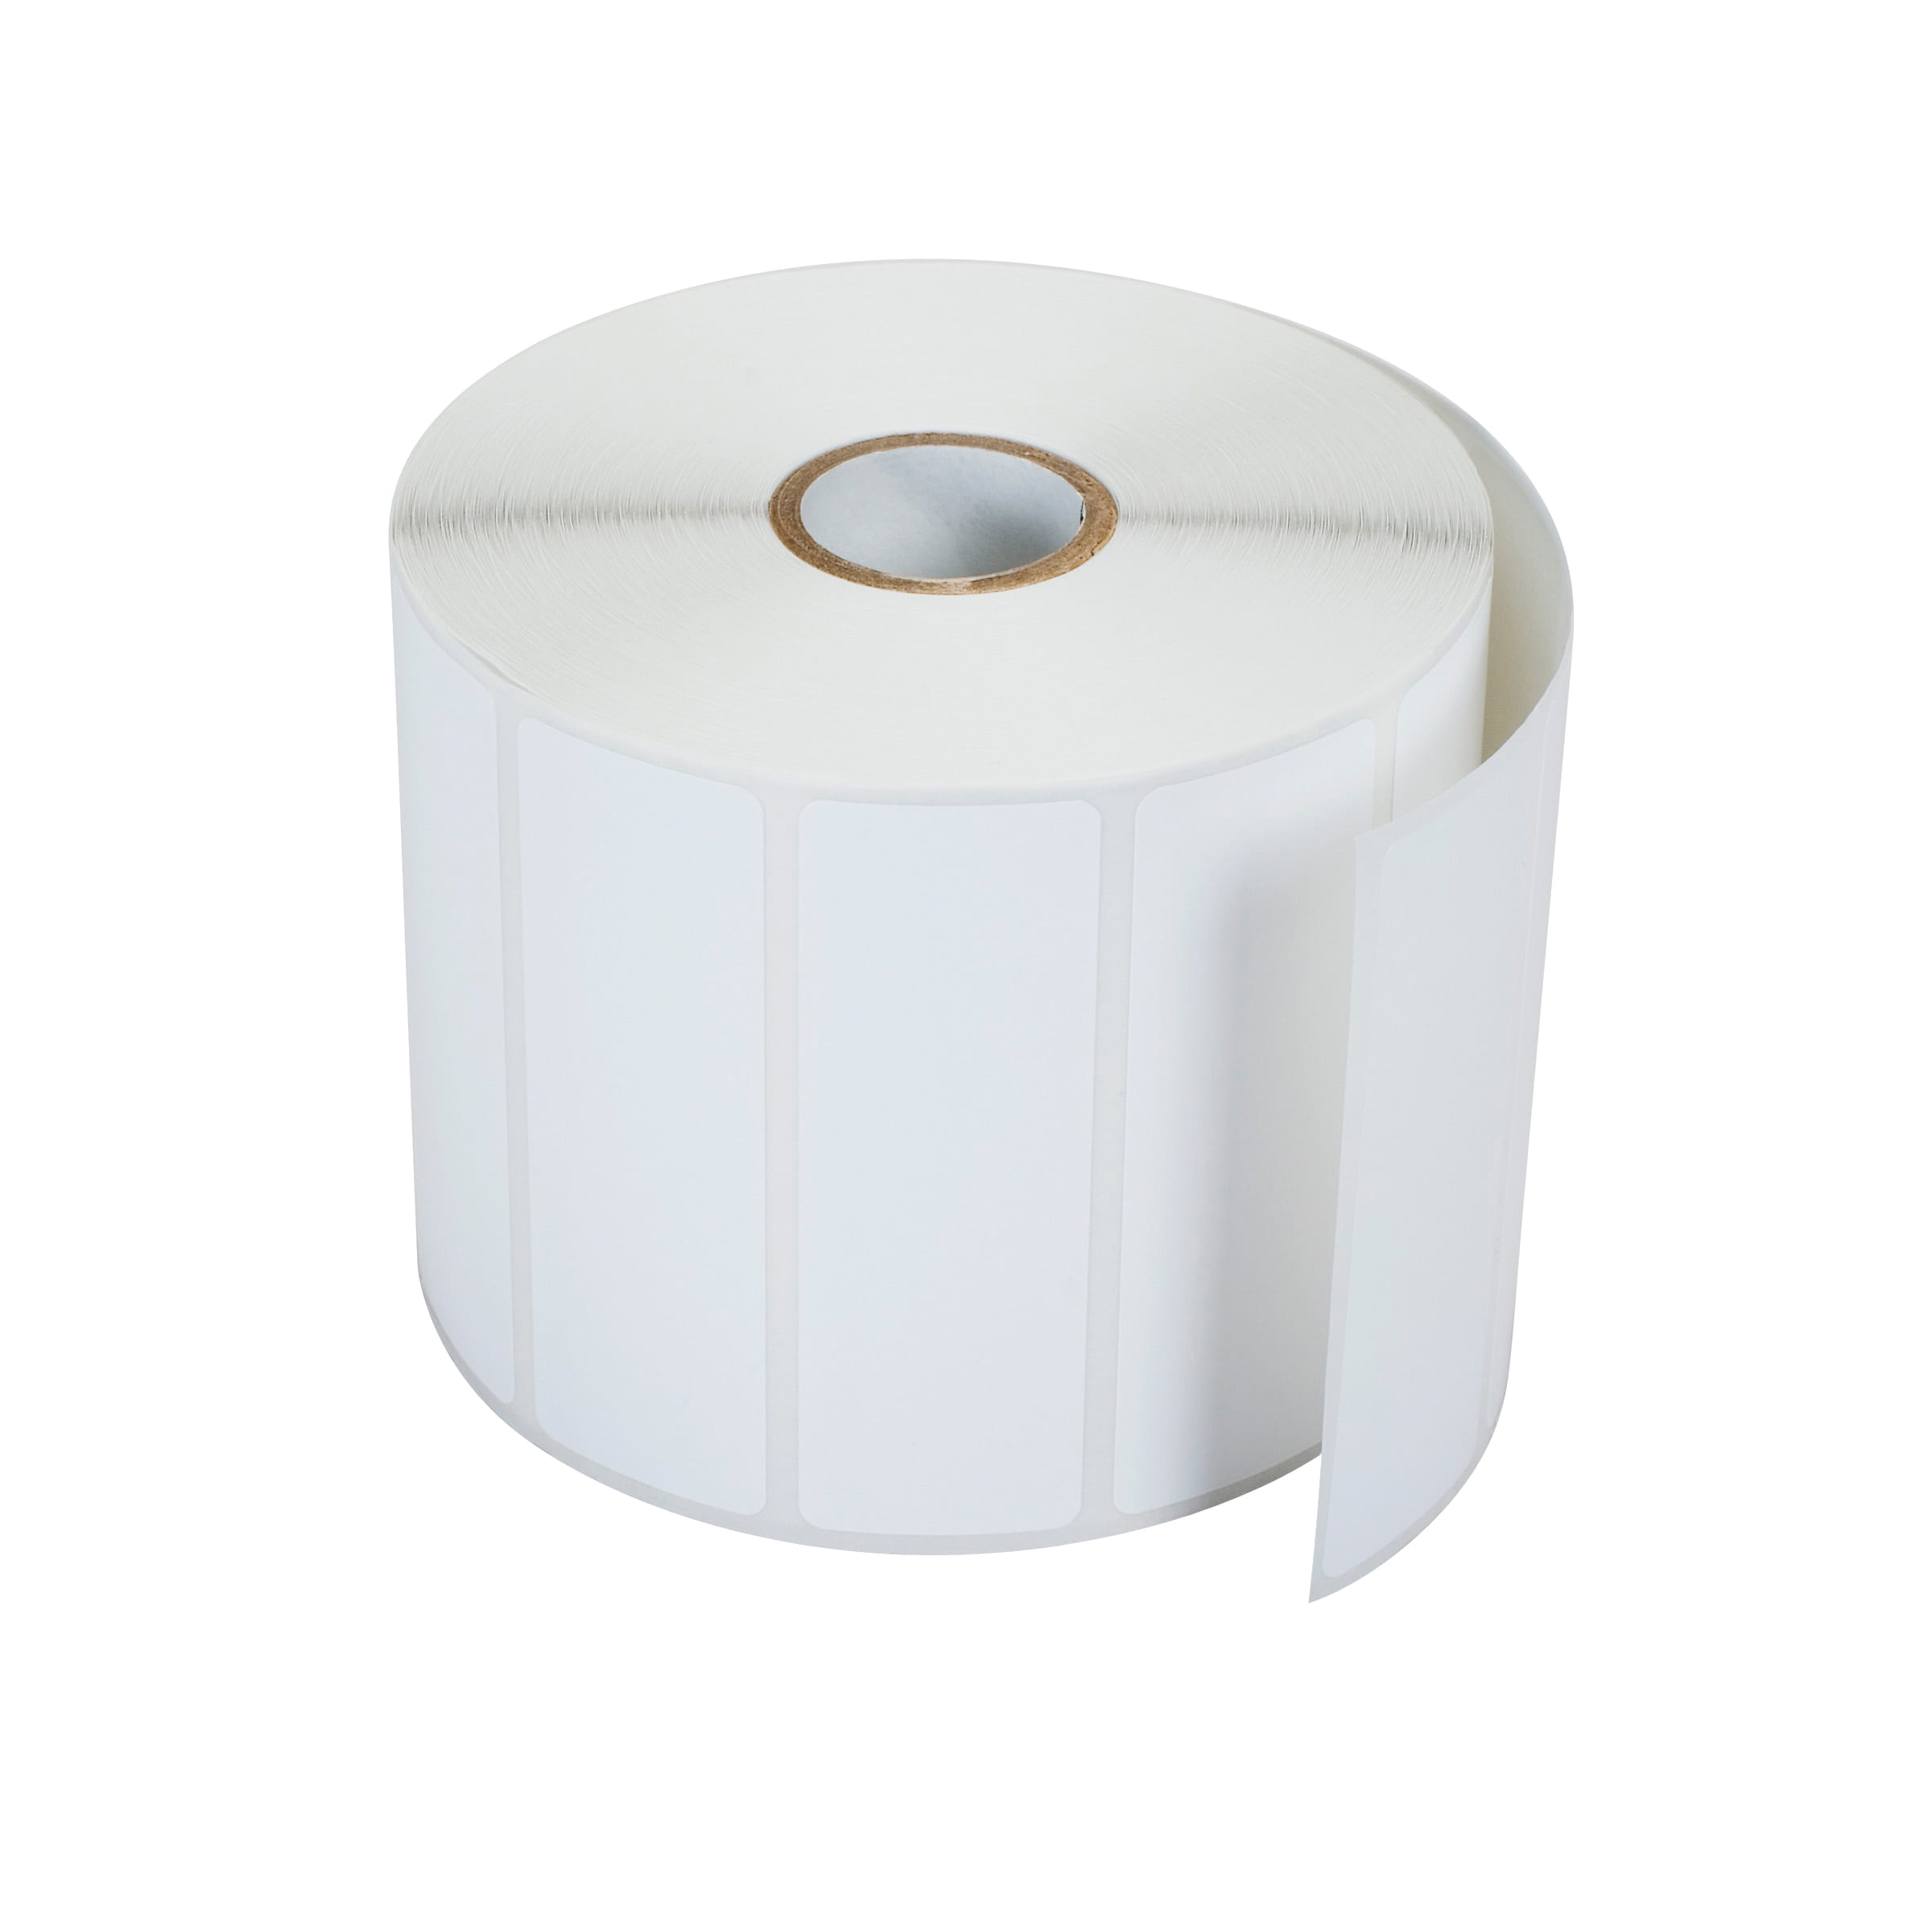 RD-SO4U1-3x1 - label roll